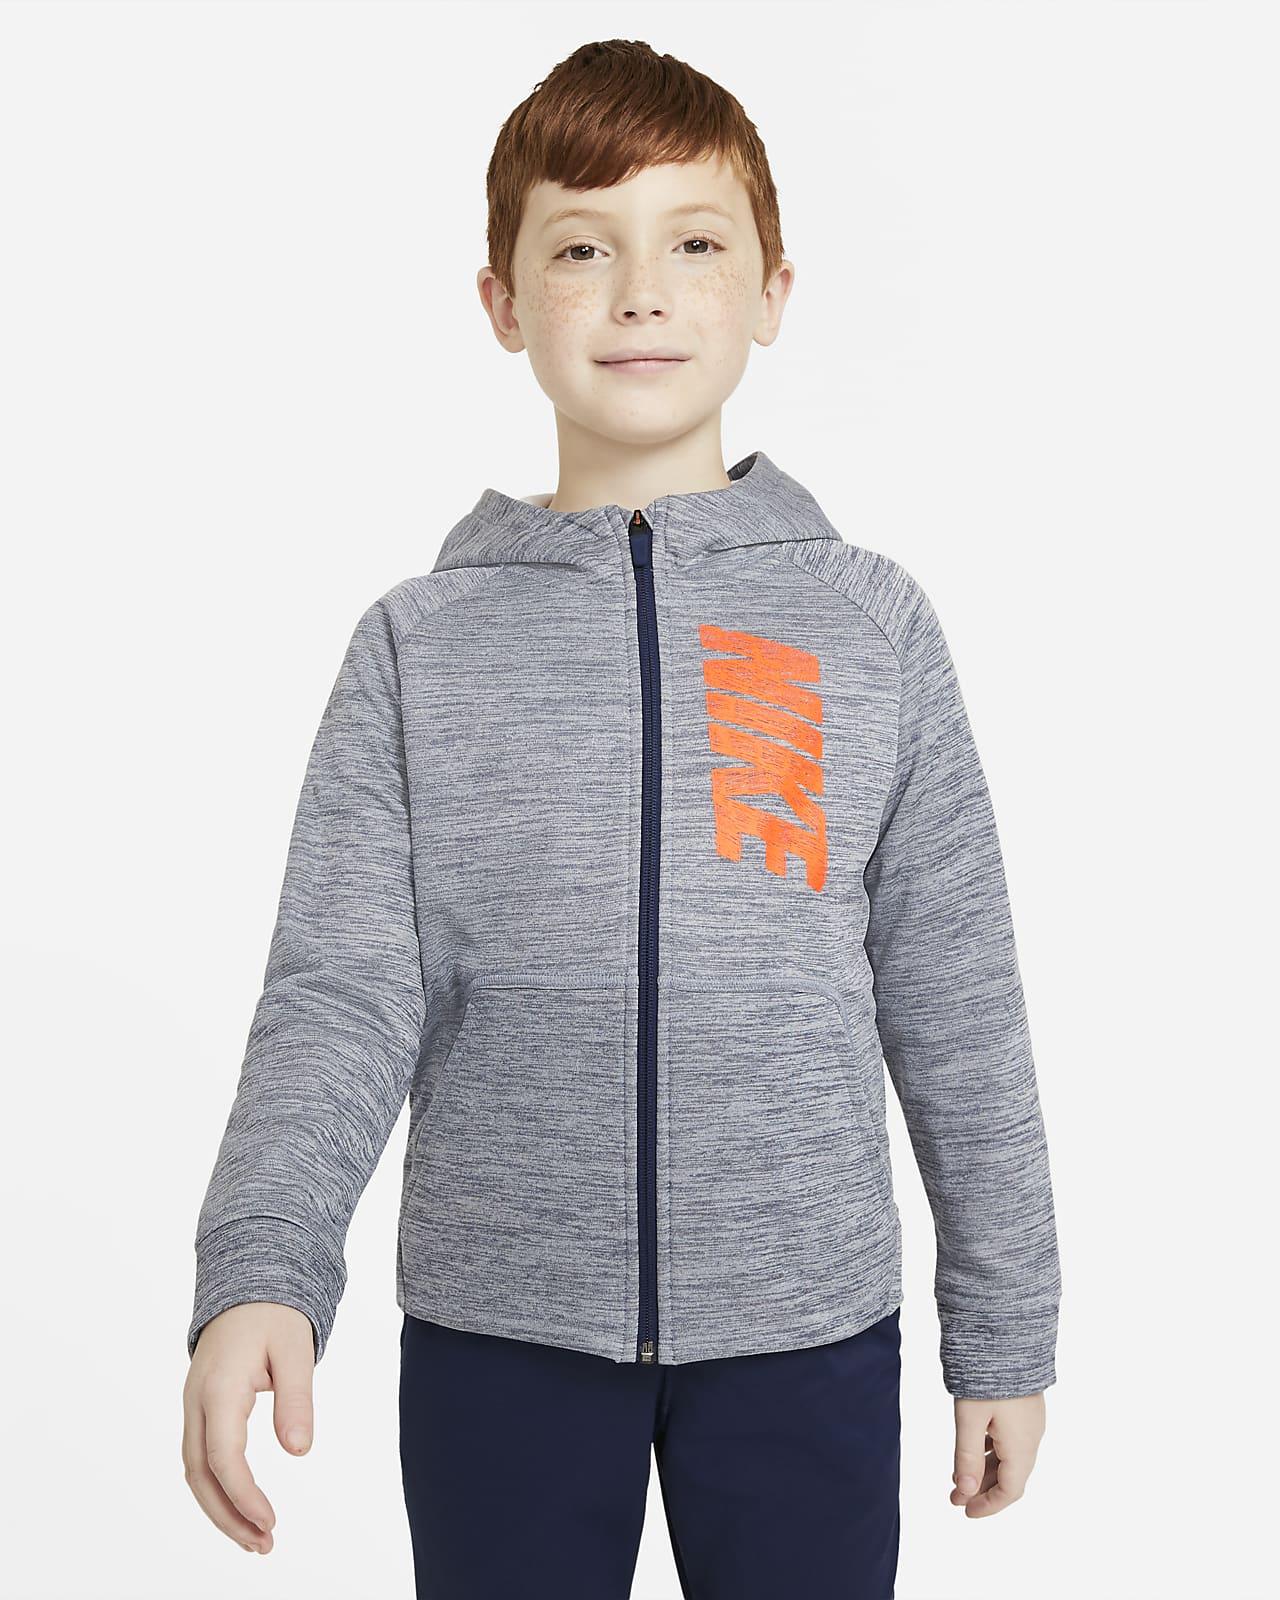 Nike Therma Tam Boy Fermuarlı Grafikli Genç Çocuk (Erkek) Kapüşonlu Antrenman Üstü